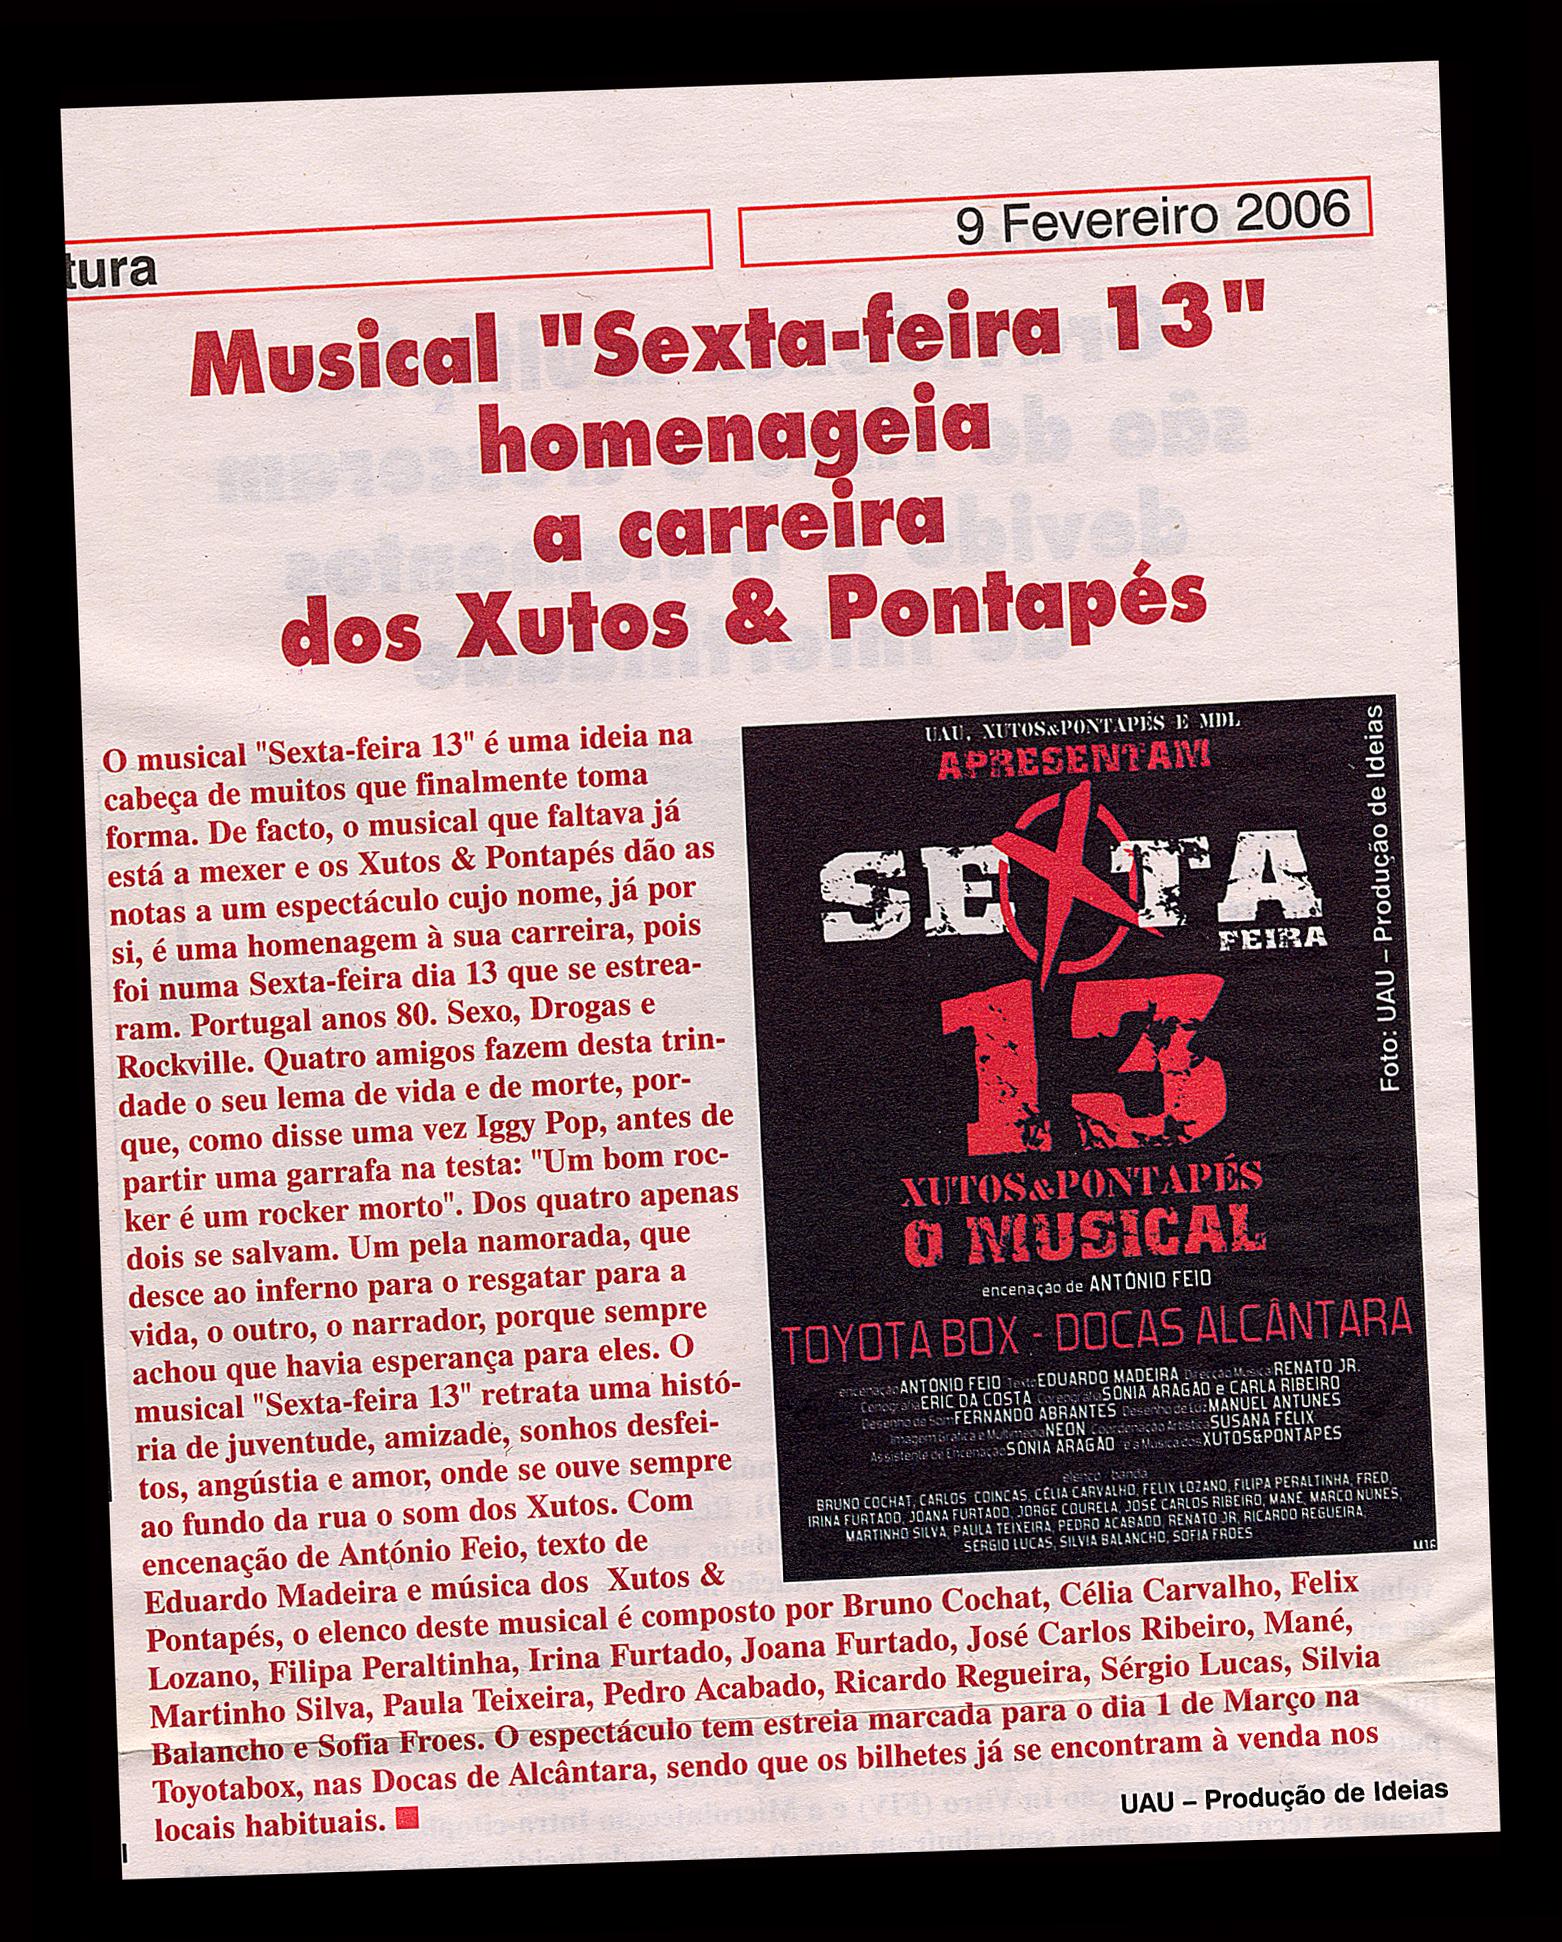 2006 Musical sexta-feira 13